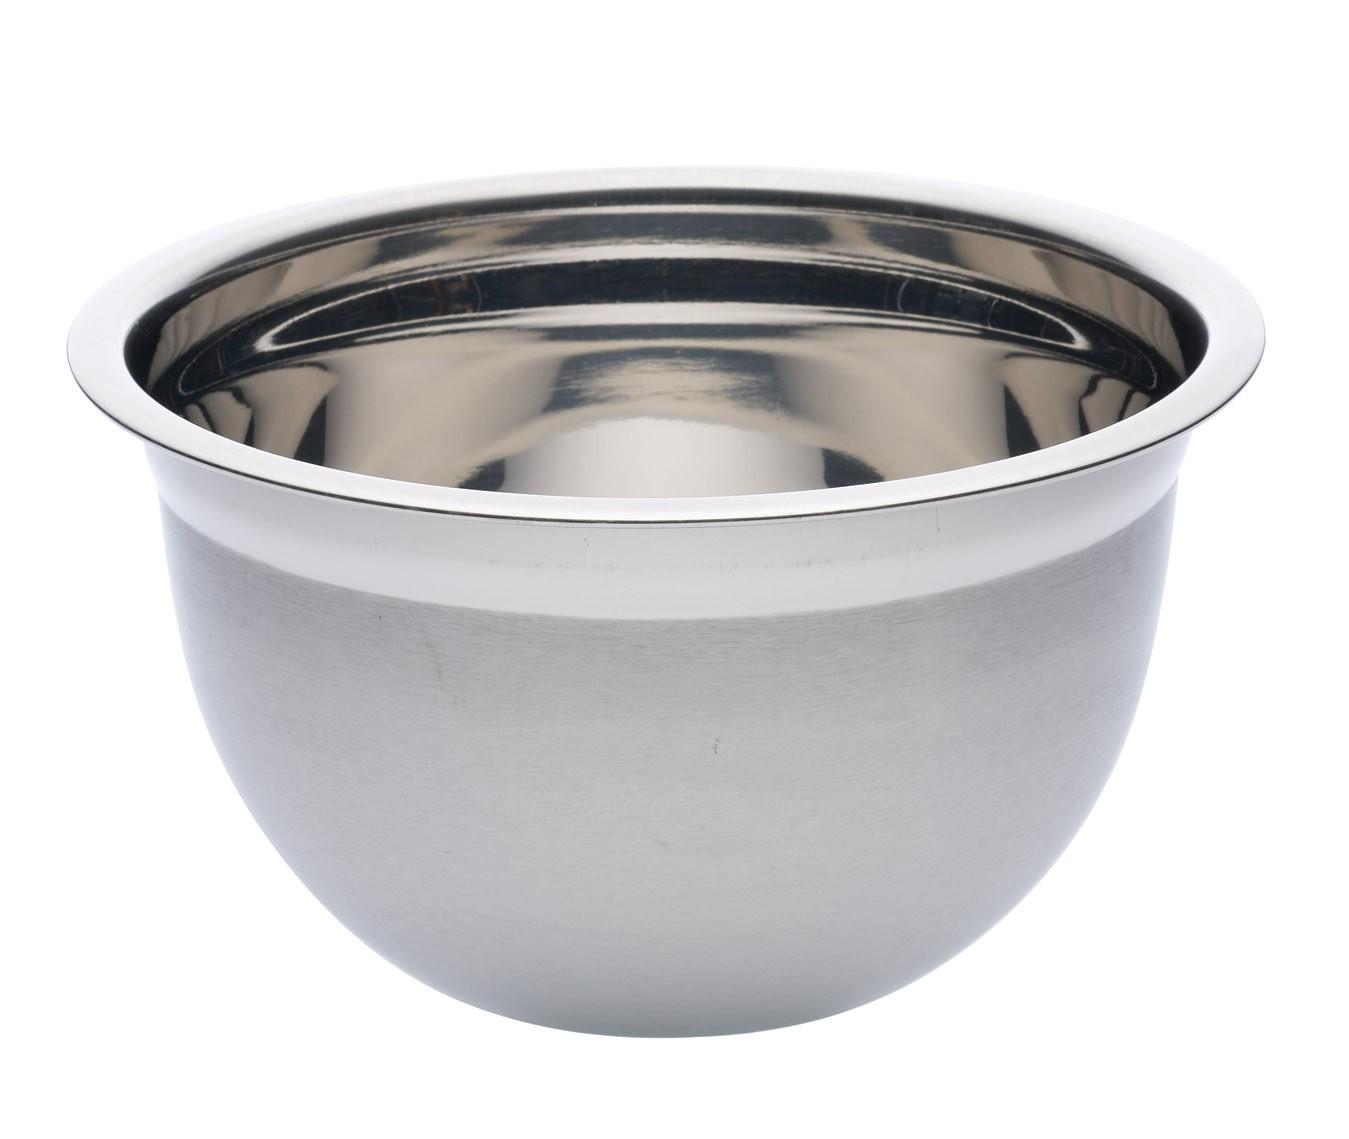 Kitchen Craft Stainless Steel Bowl 27cm